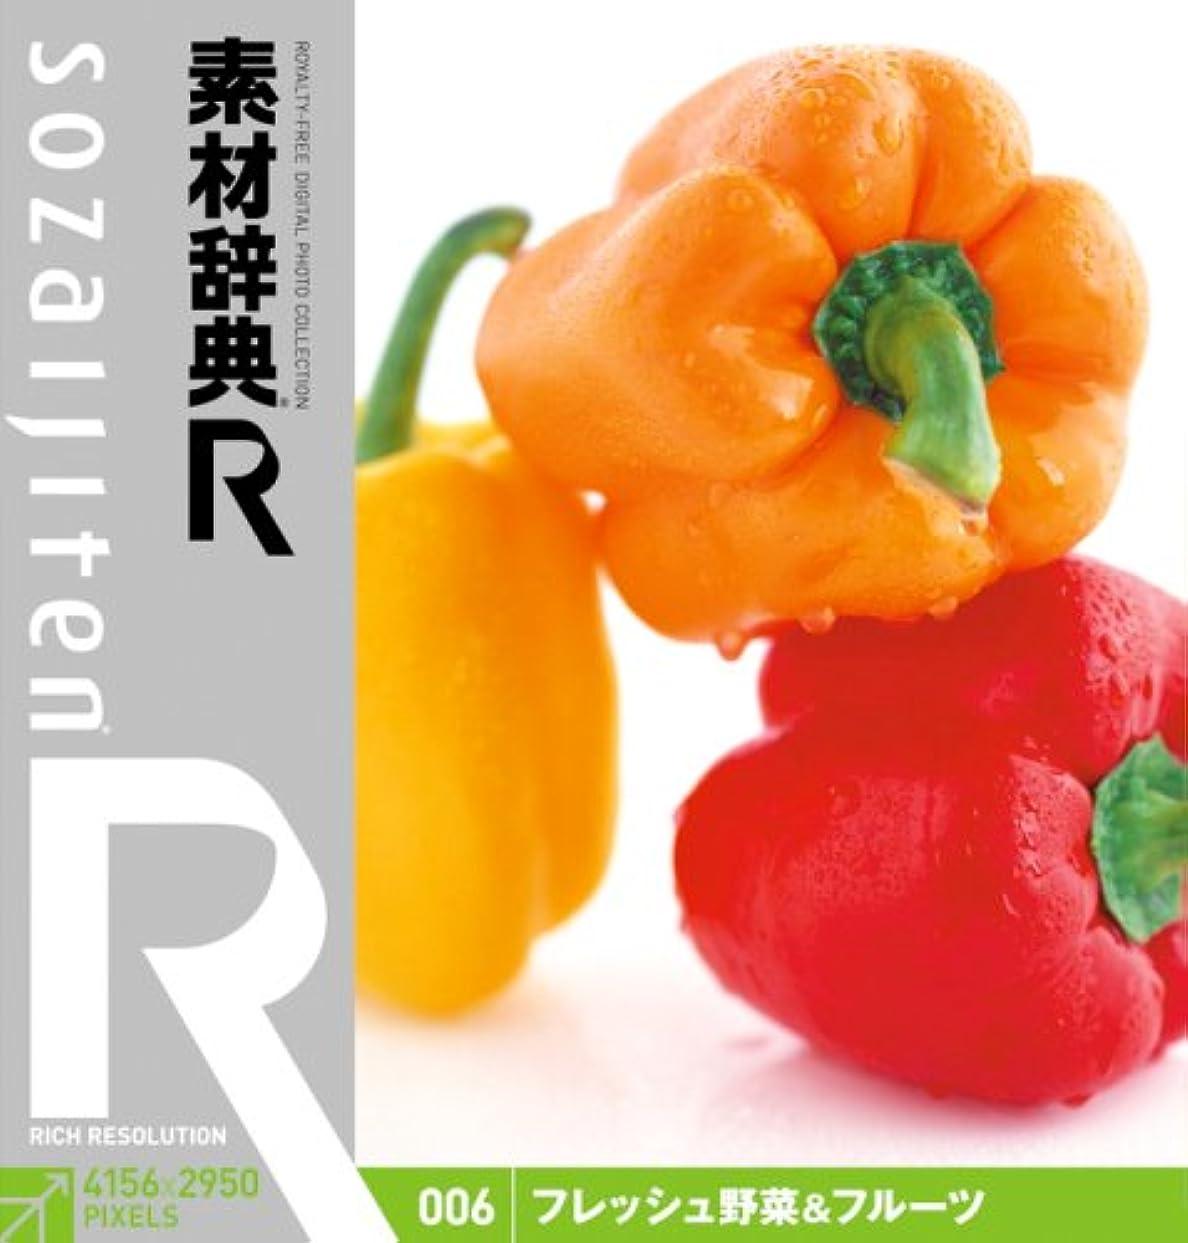 シール異常きつく素材辞典[R(アール)] 006 フレッシュ野菜&フルーツ